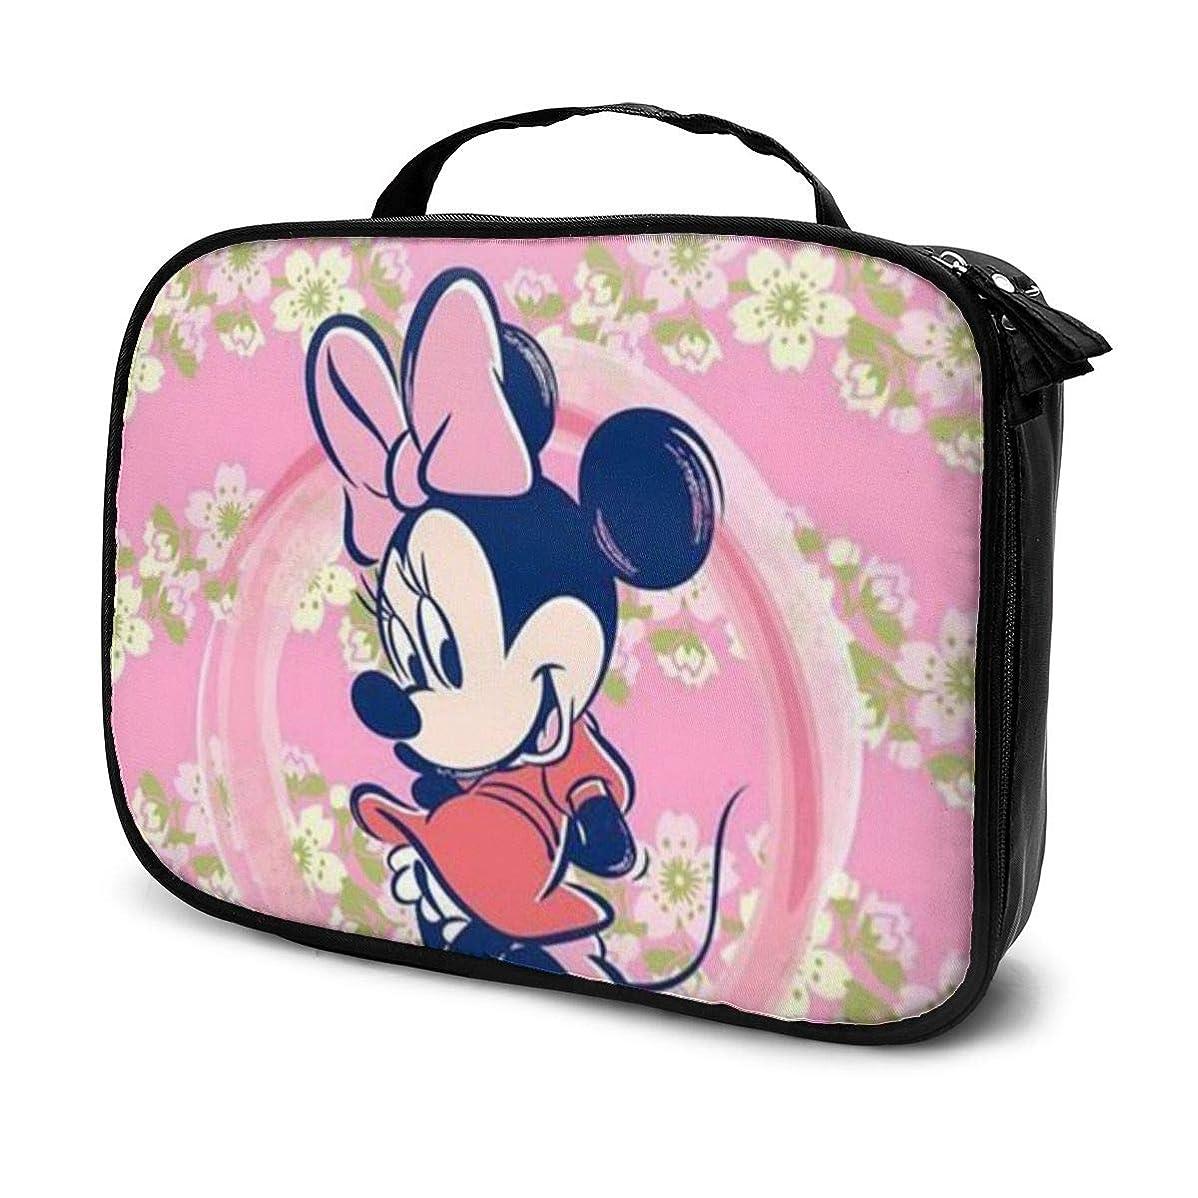 にじみ出るジャンプラインナップDaituかわいい みんいえ もうせ 化粧品袋の女性旅行バッグ収納大容量防水アクセサリー旅行